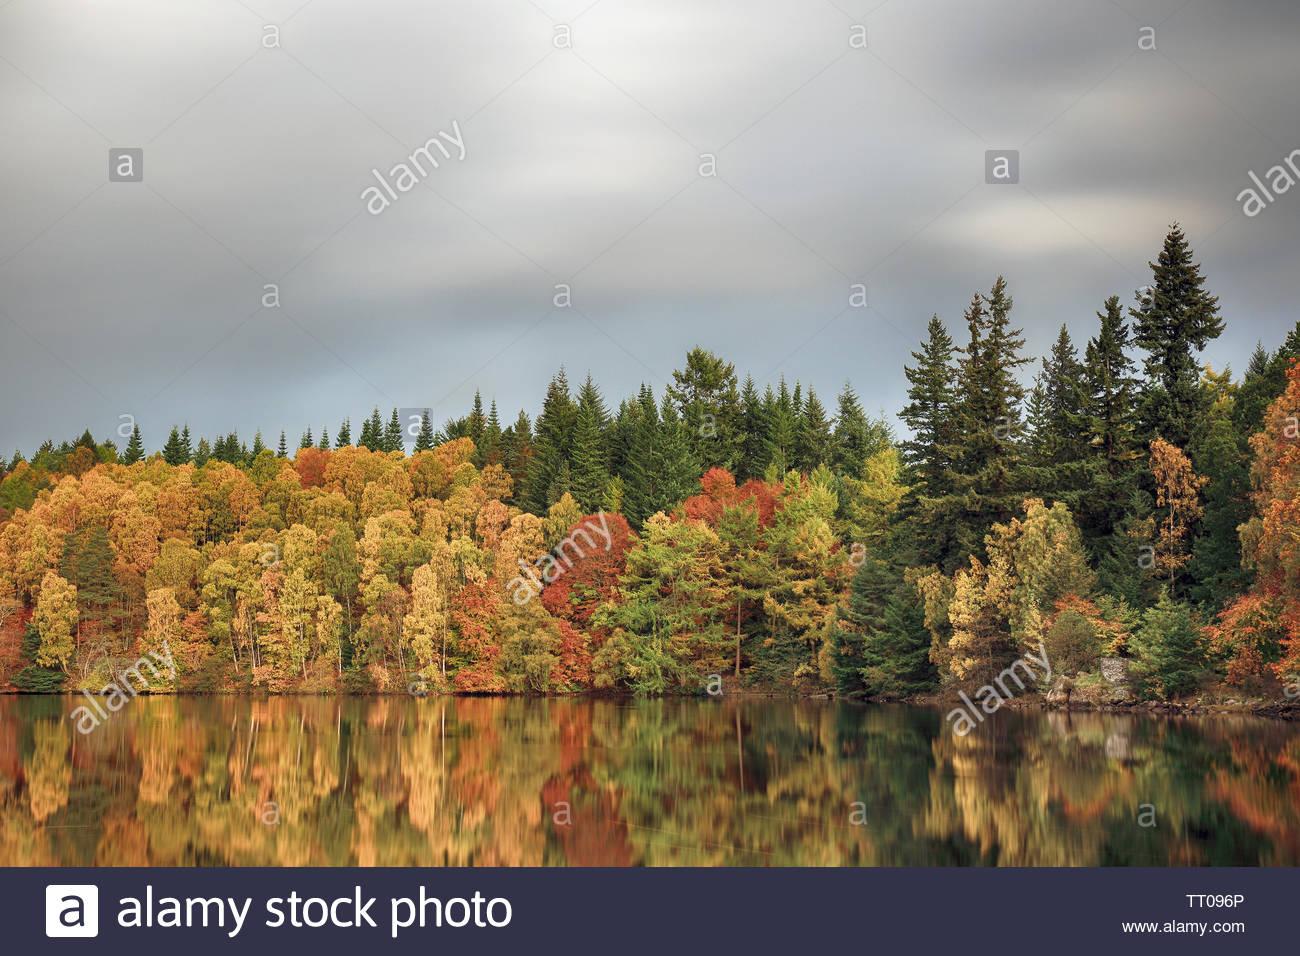 Eine lange Verschlusszeit Exposition der Bunte Herbst Bäume am Fluss widerspiegelt. Stockfoto